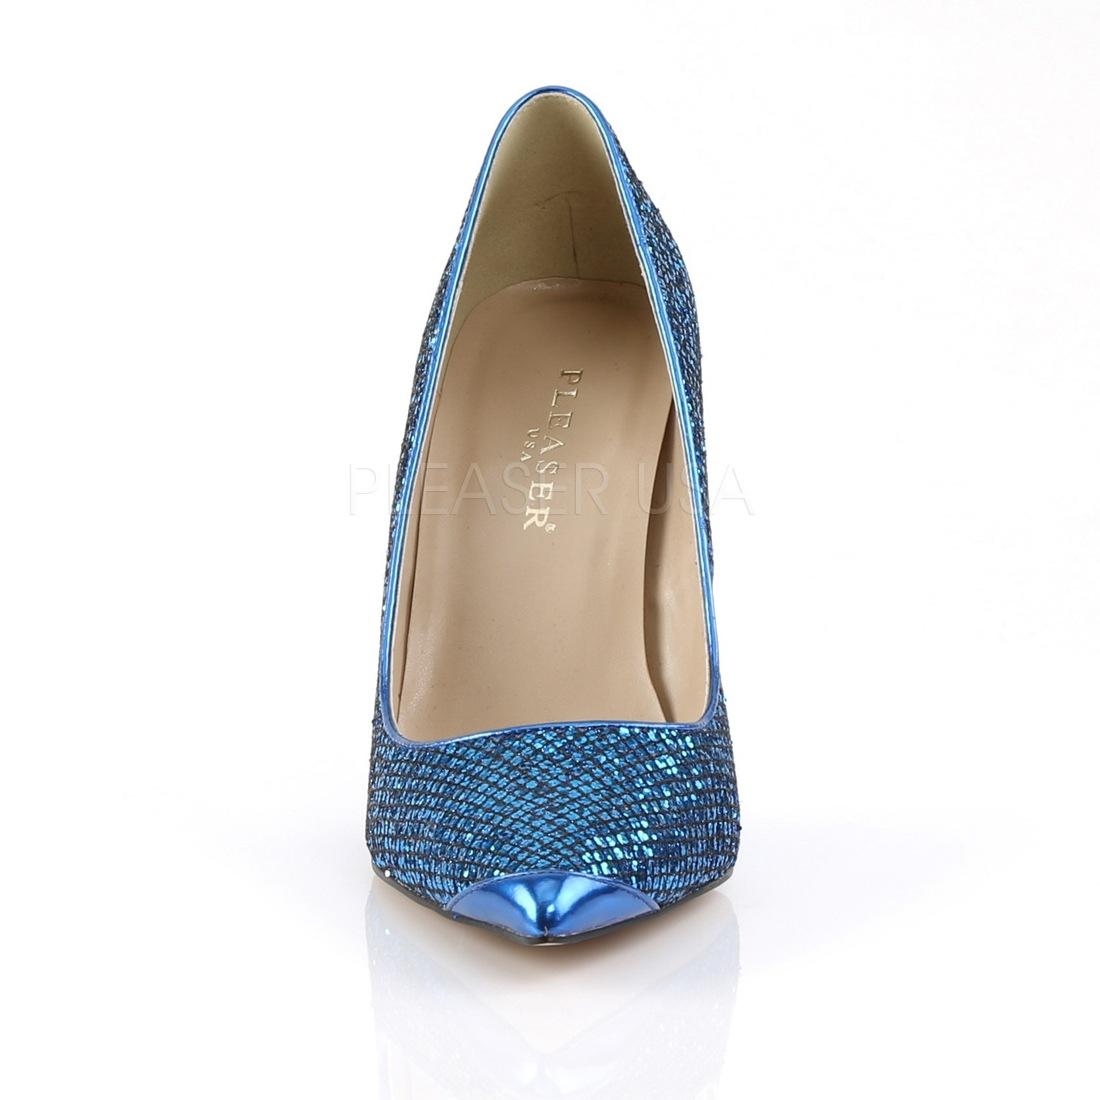 Blue Glitter 10 cm CLASSIQUE-20 big size stilettos shoes cc3bdbe61c